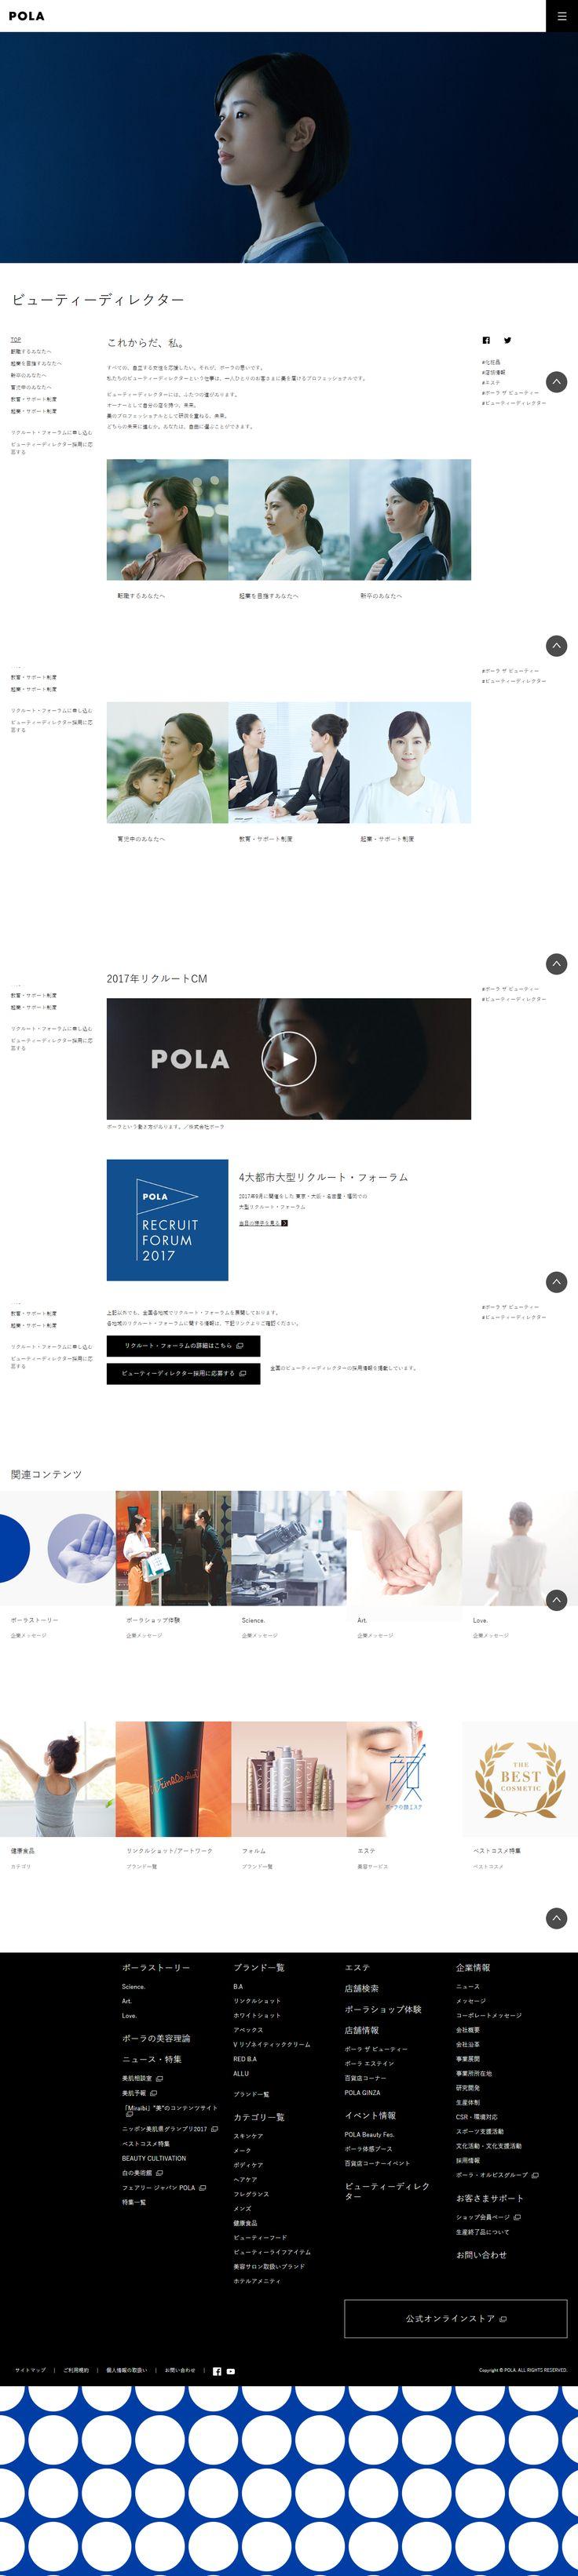 ビューティーディレクター   ポーラ公式 エイジングケアと美白・化粧品のPOLA http://www.pola.co.jp/special/polacareer/